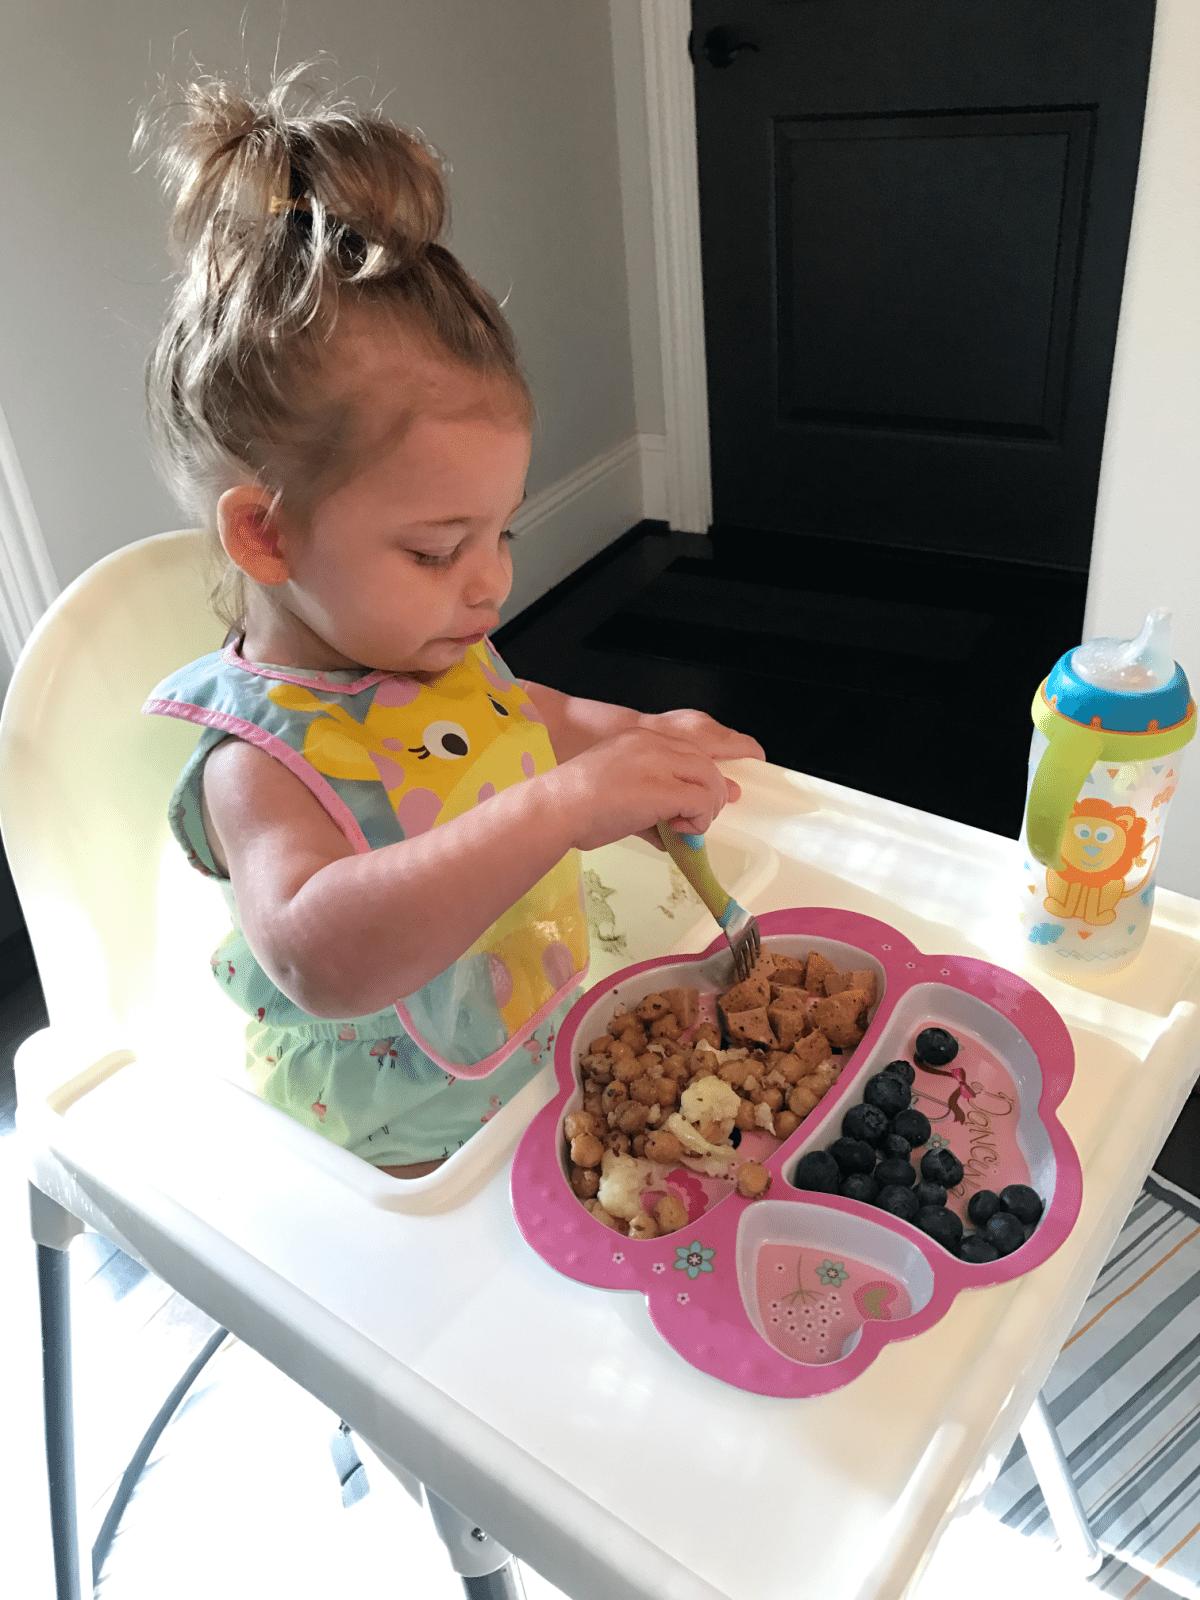 Jordan lunch